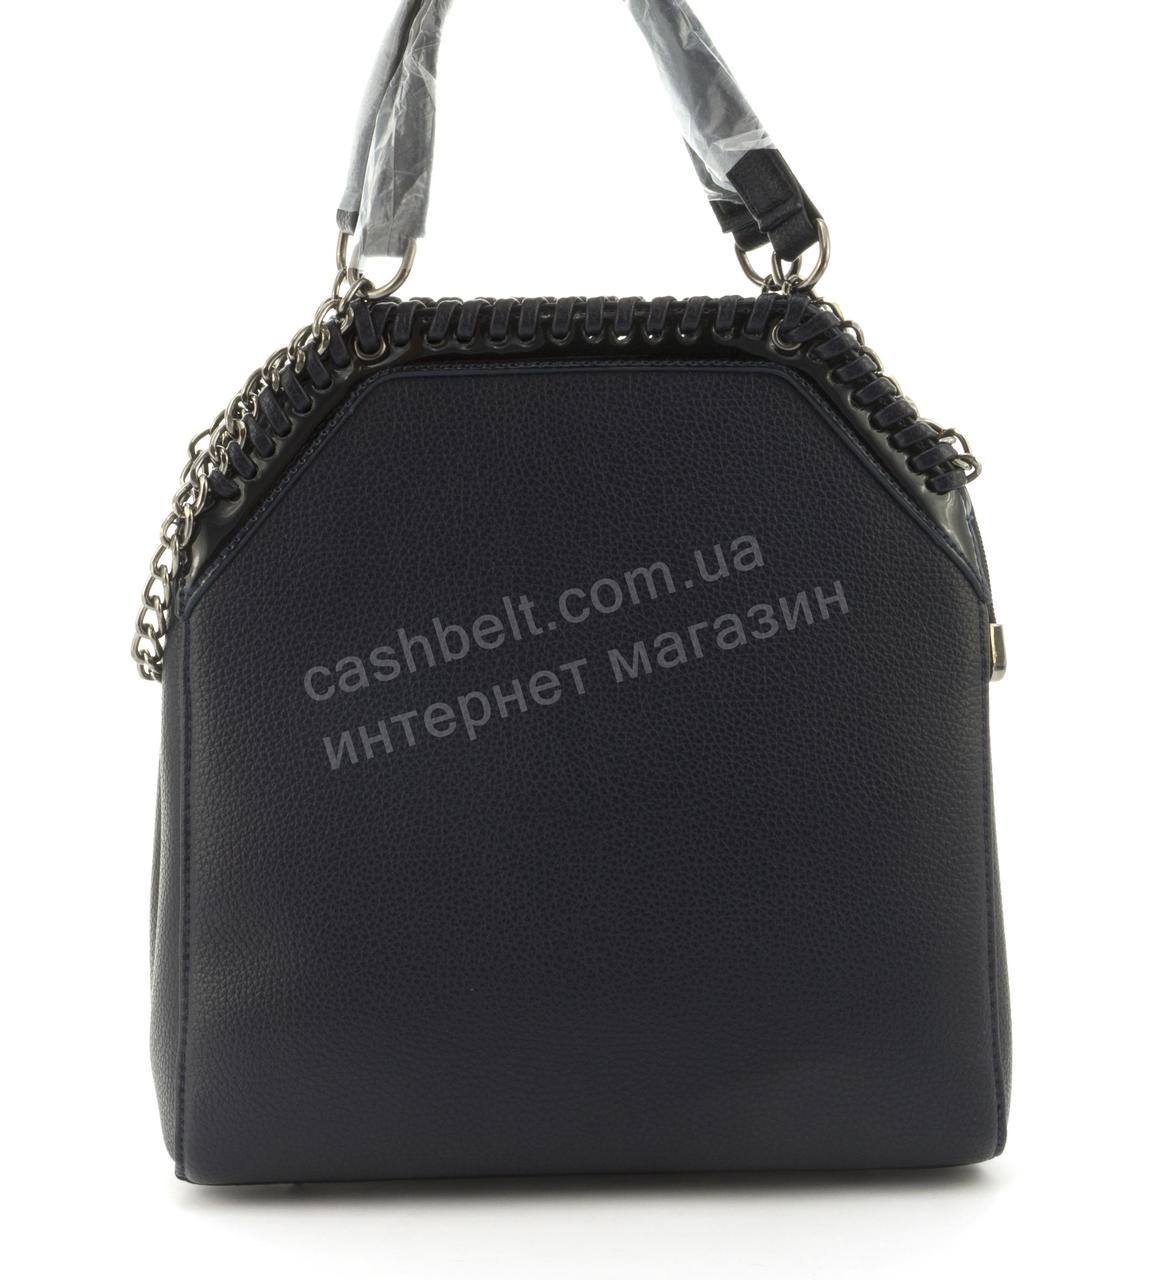 Качественная стильная прочная женская сумка с эко кожи высокого качества DIYANI art. A-965 темно синяя